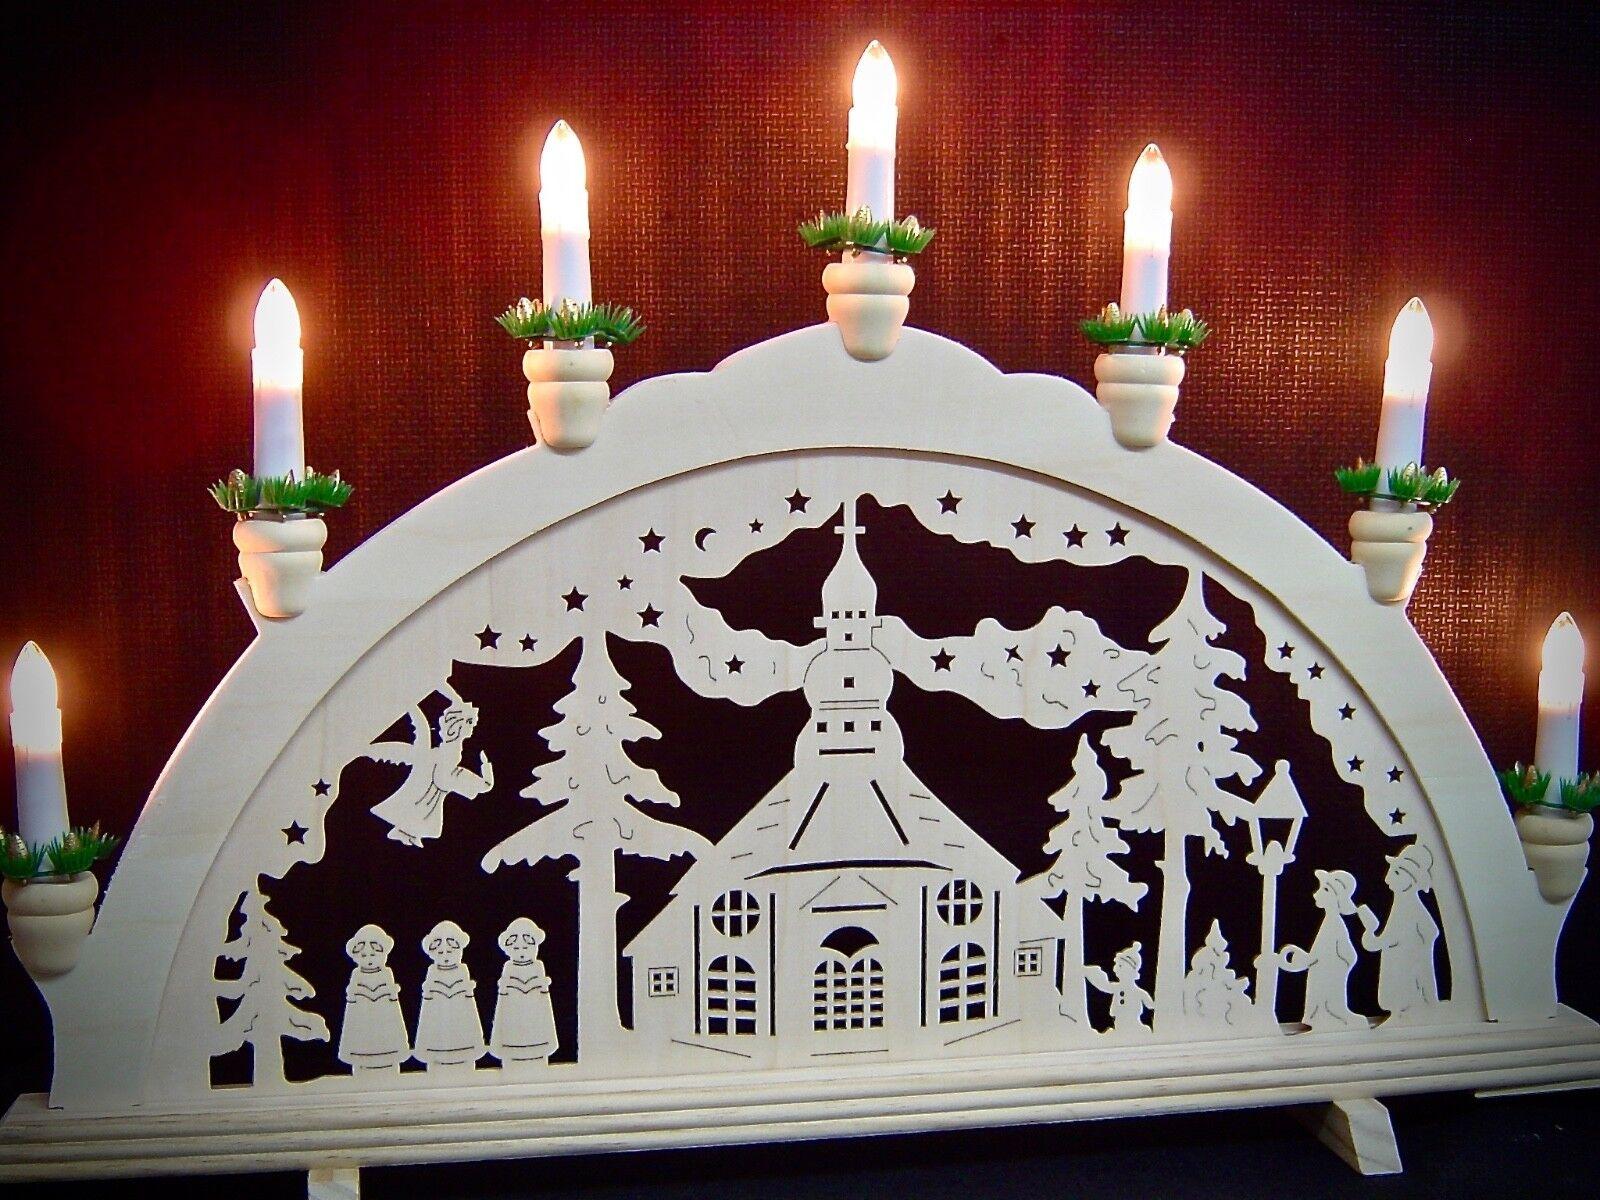 Lichterbogen Lichterbogen Lichterbogen Schwibbogen 7 Kerzen Seiffener Kirche Seiffen 58 x 38 cm 10330 | Niedriger Preis und gute Qualität  499056